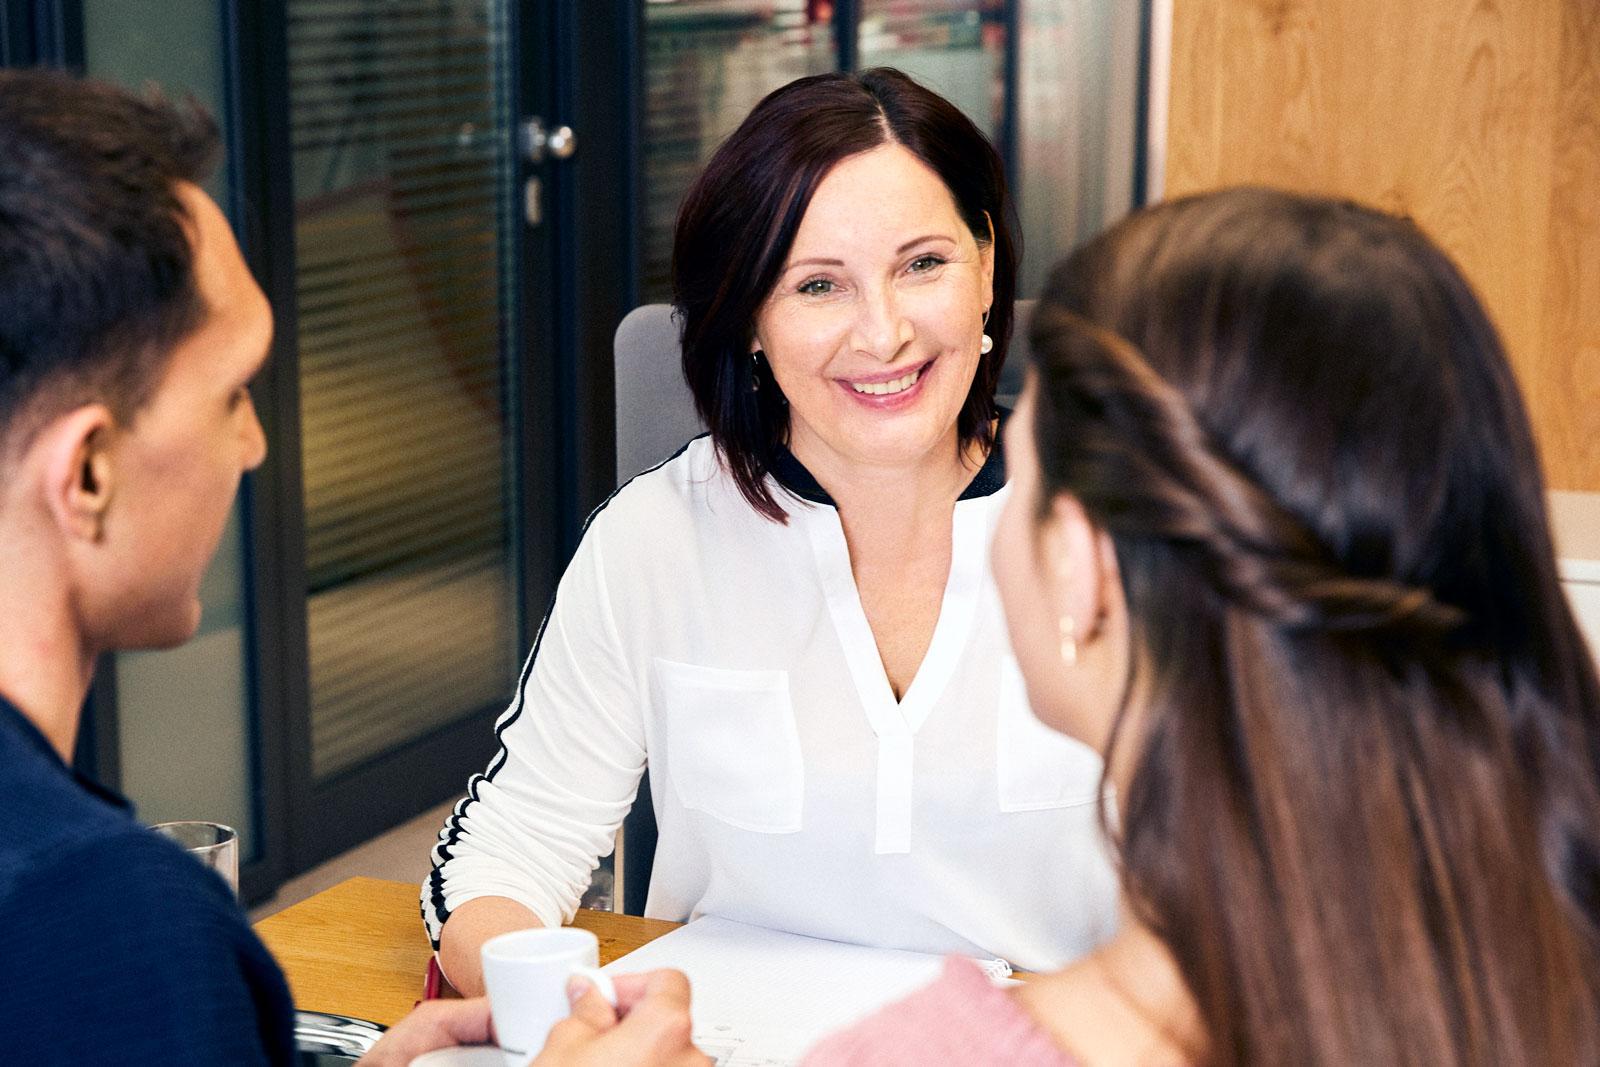 Finanzberaterin Angelika Guggenberger begleitet Frauen und Paare beim Vermögensaufbau.